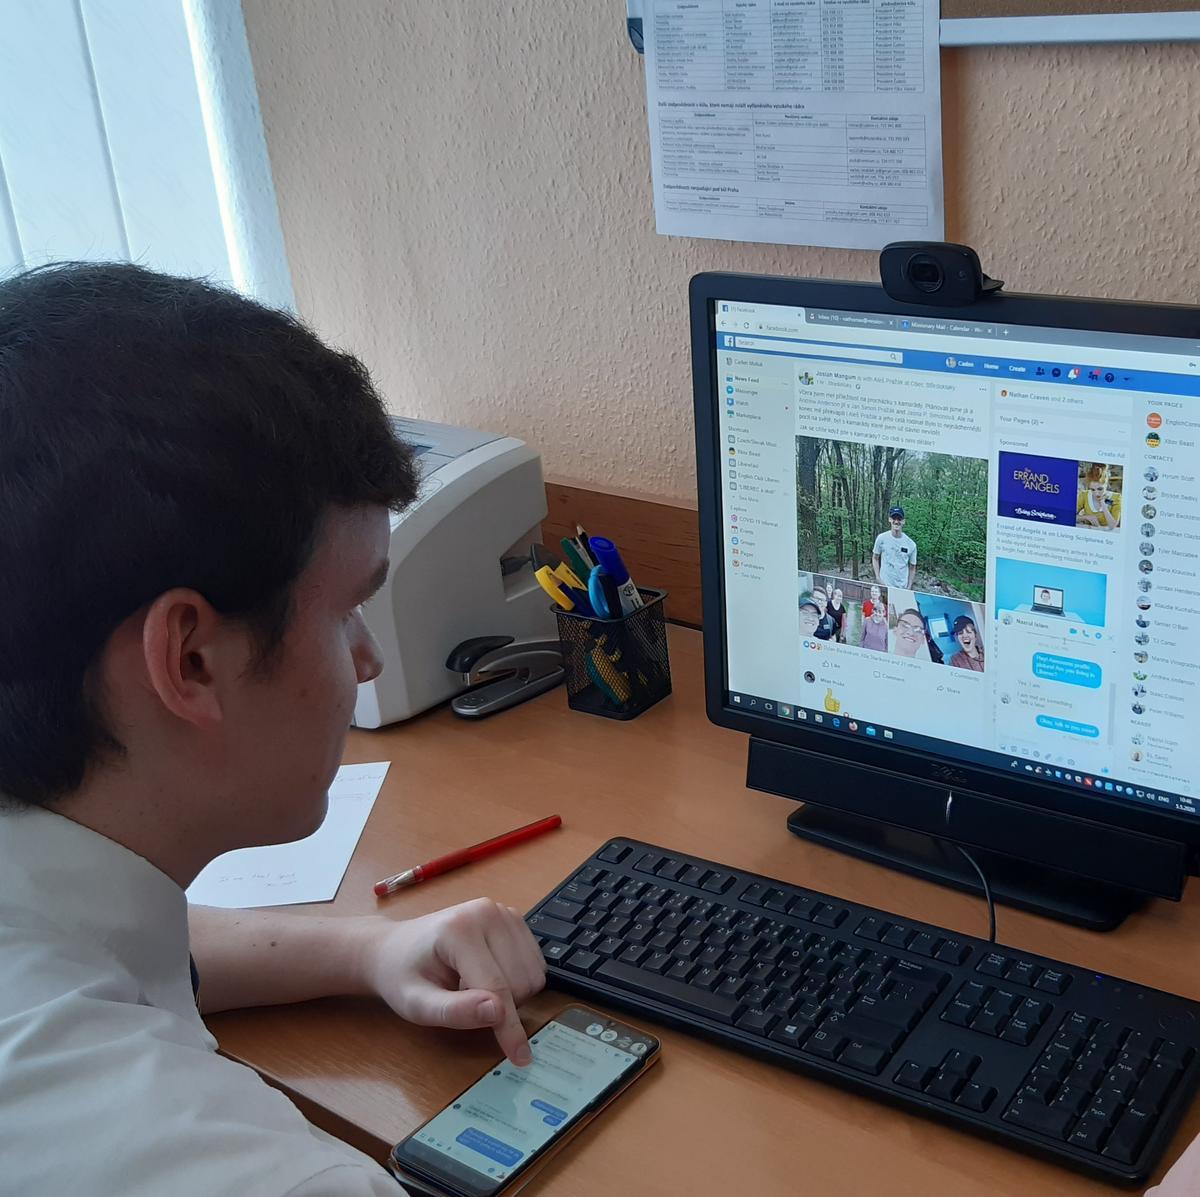 Stejně jako většina misionářů po celém světě pracuje starší Thomas se svým společníkem během pandemie přes internet.